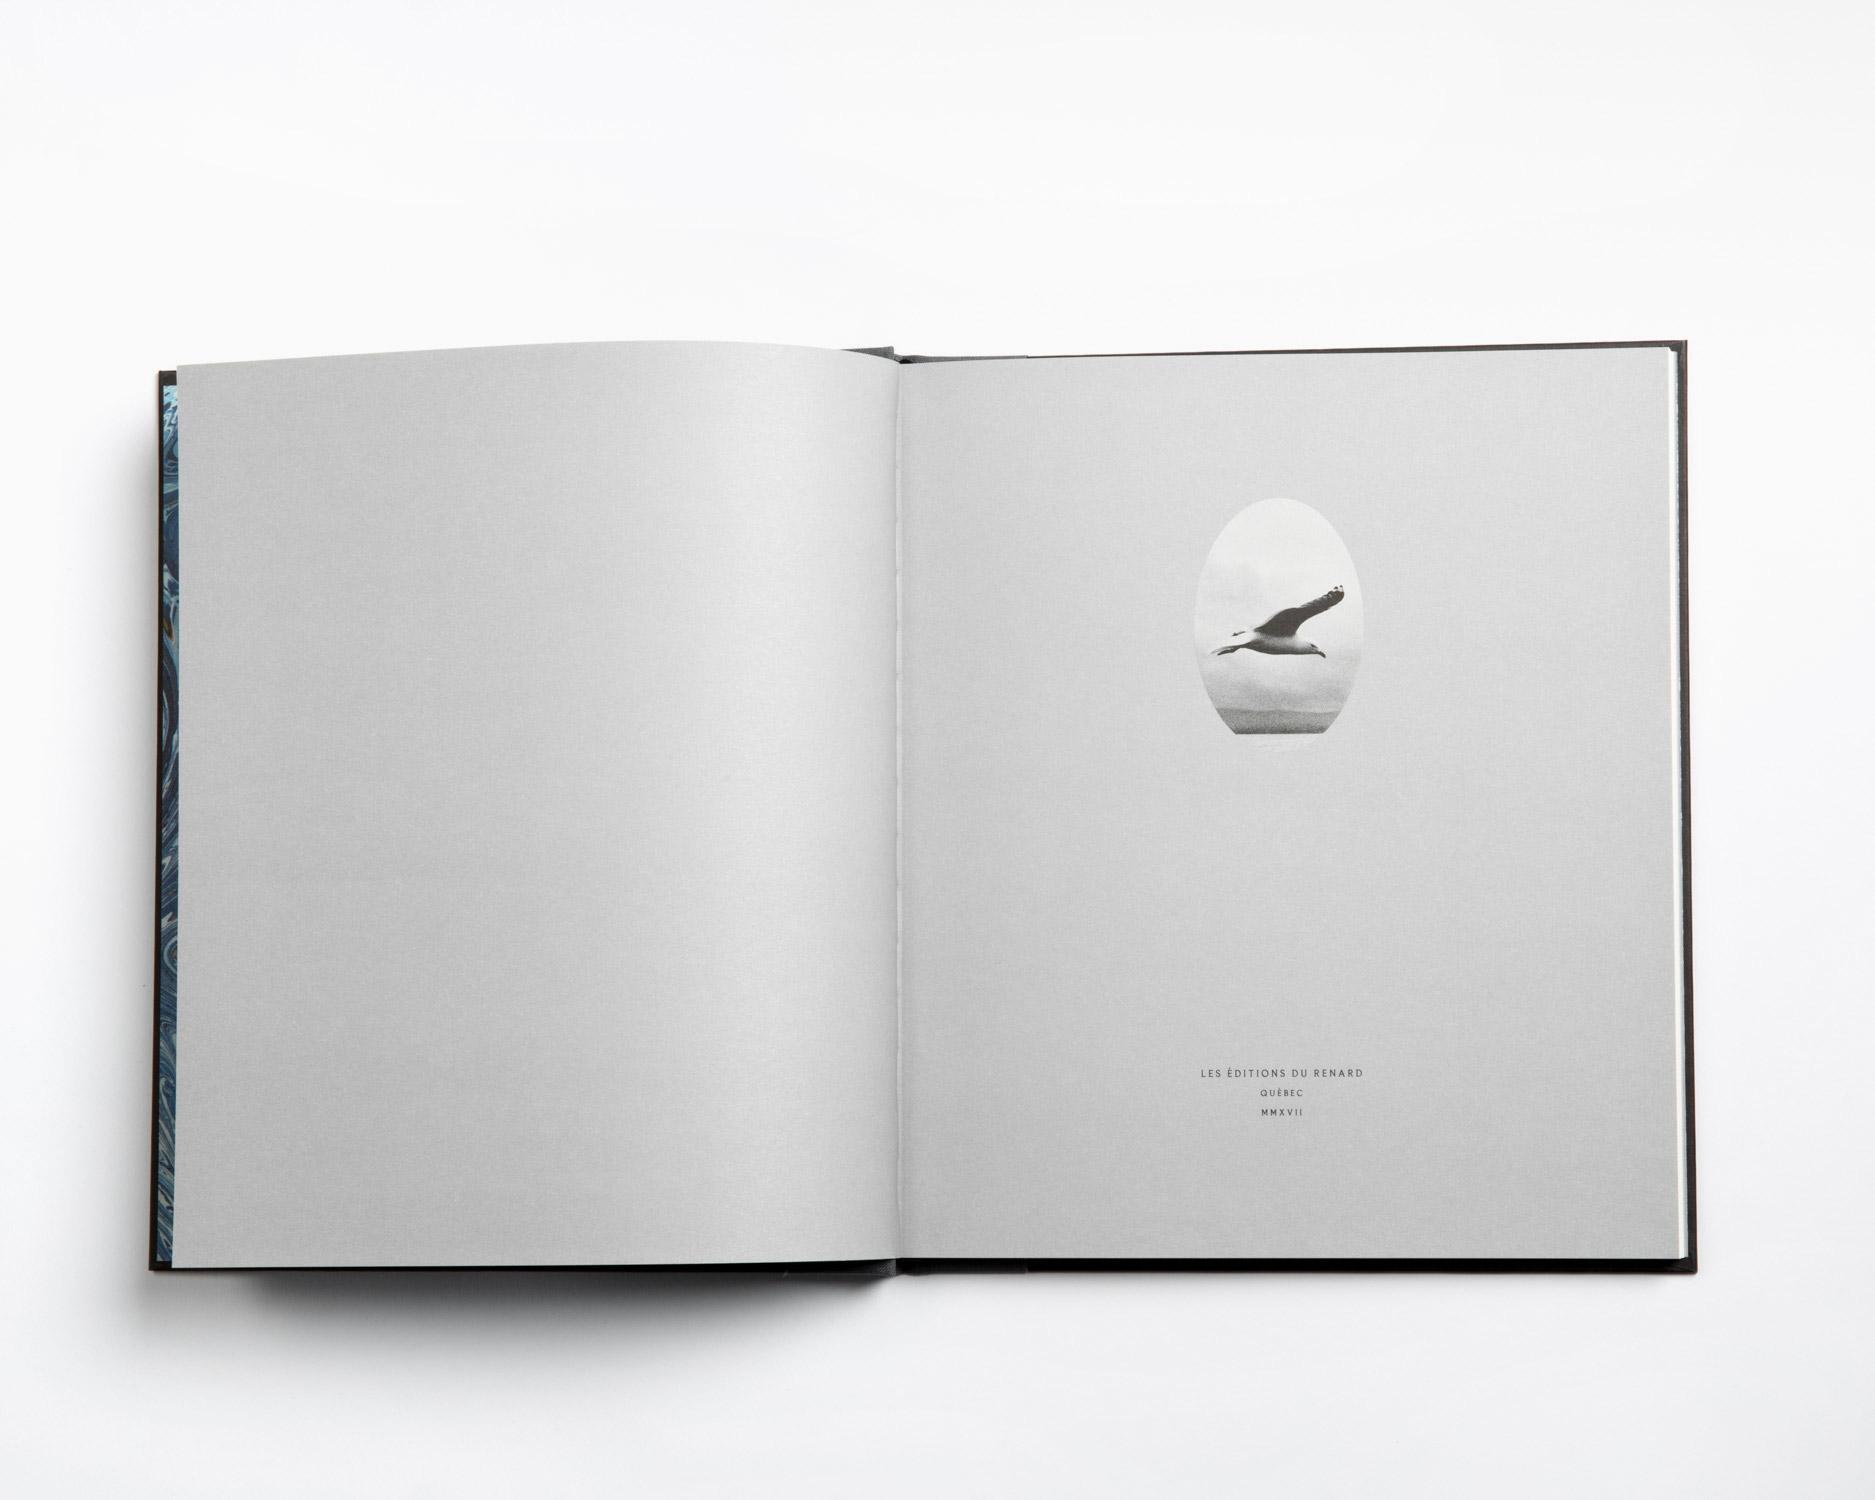 Livres-Editions-Renard_HD_226